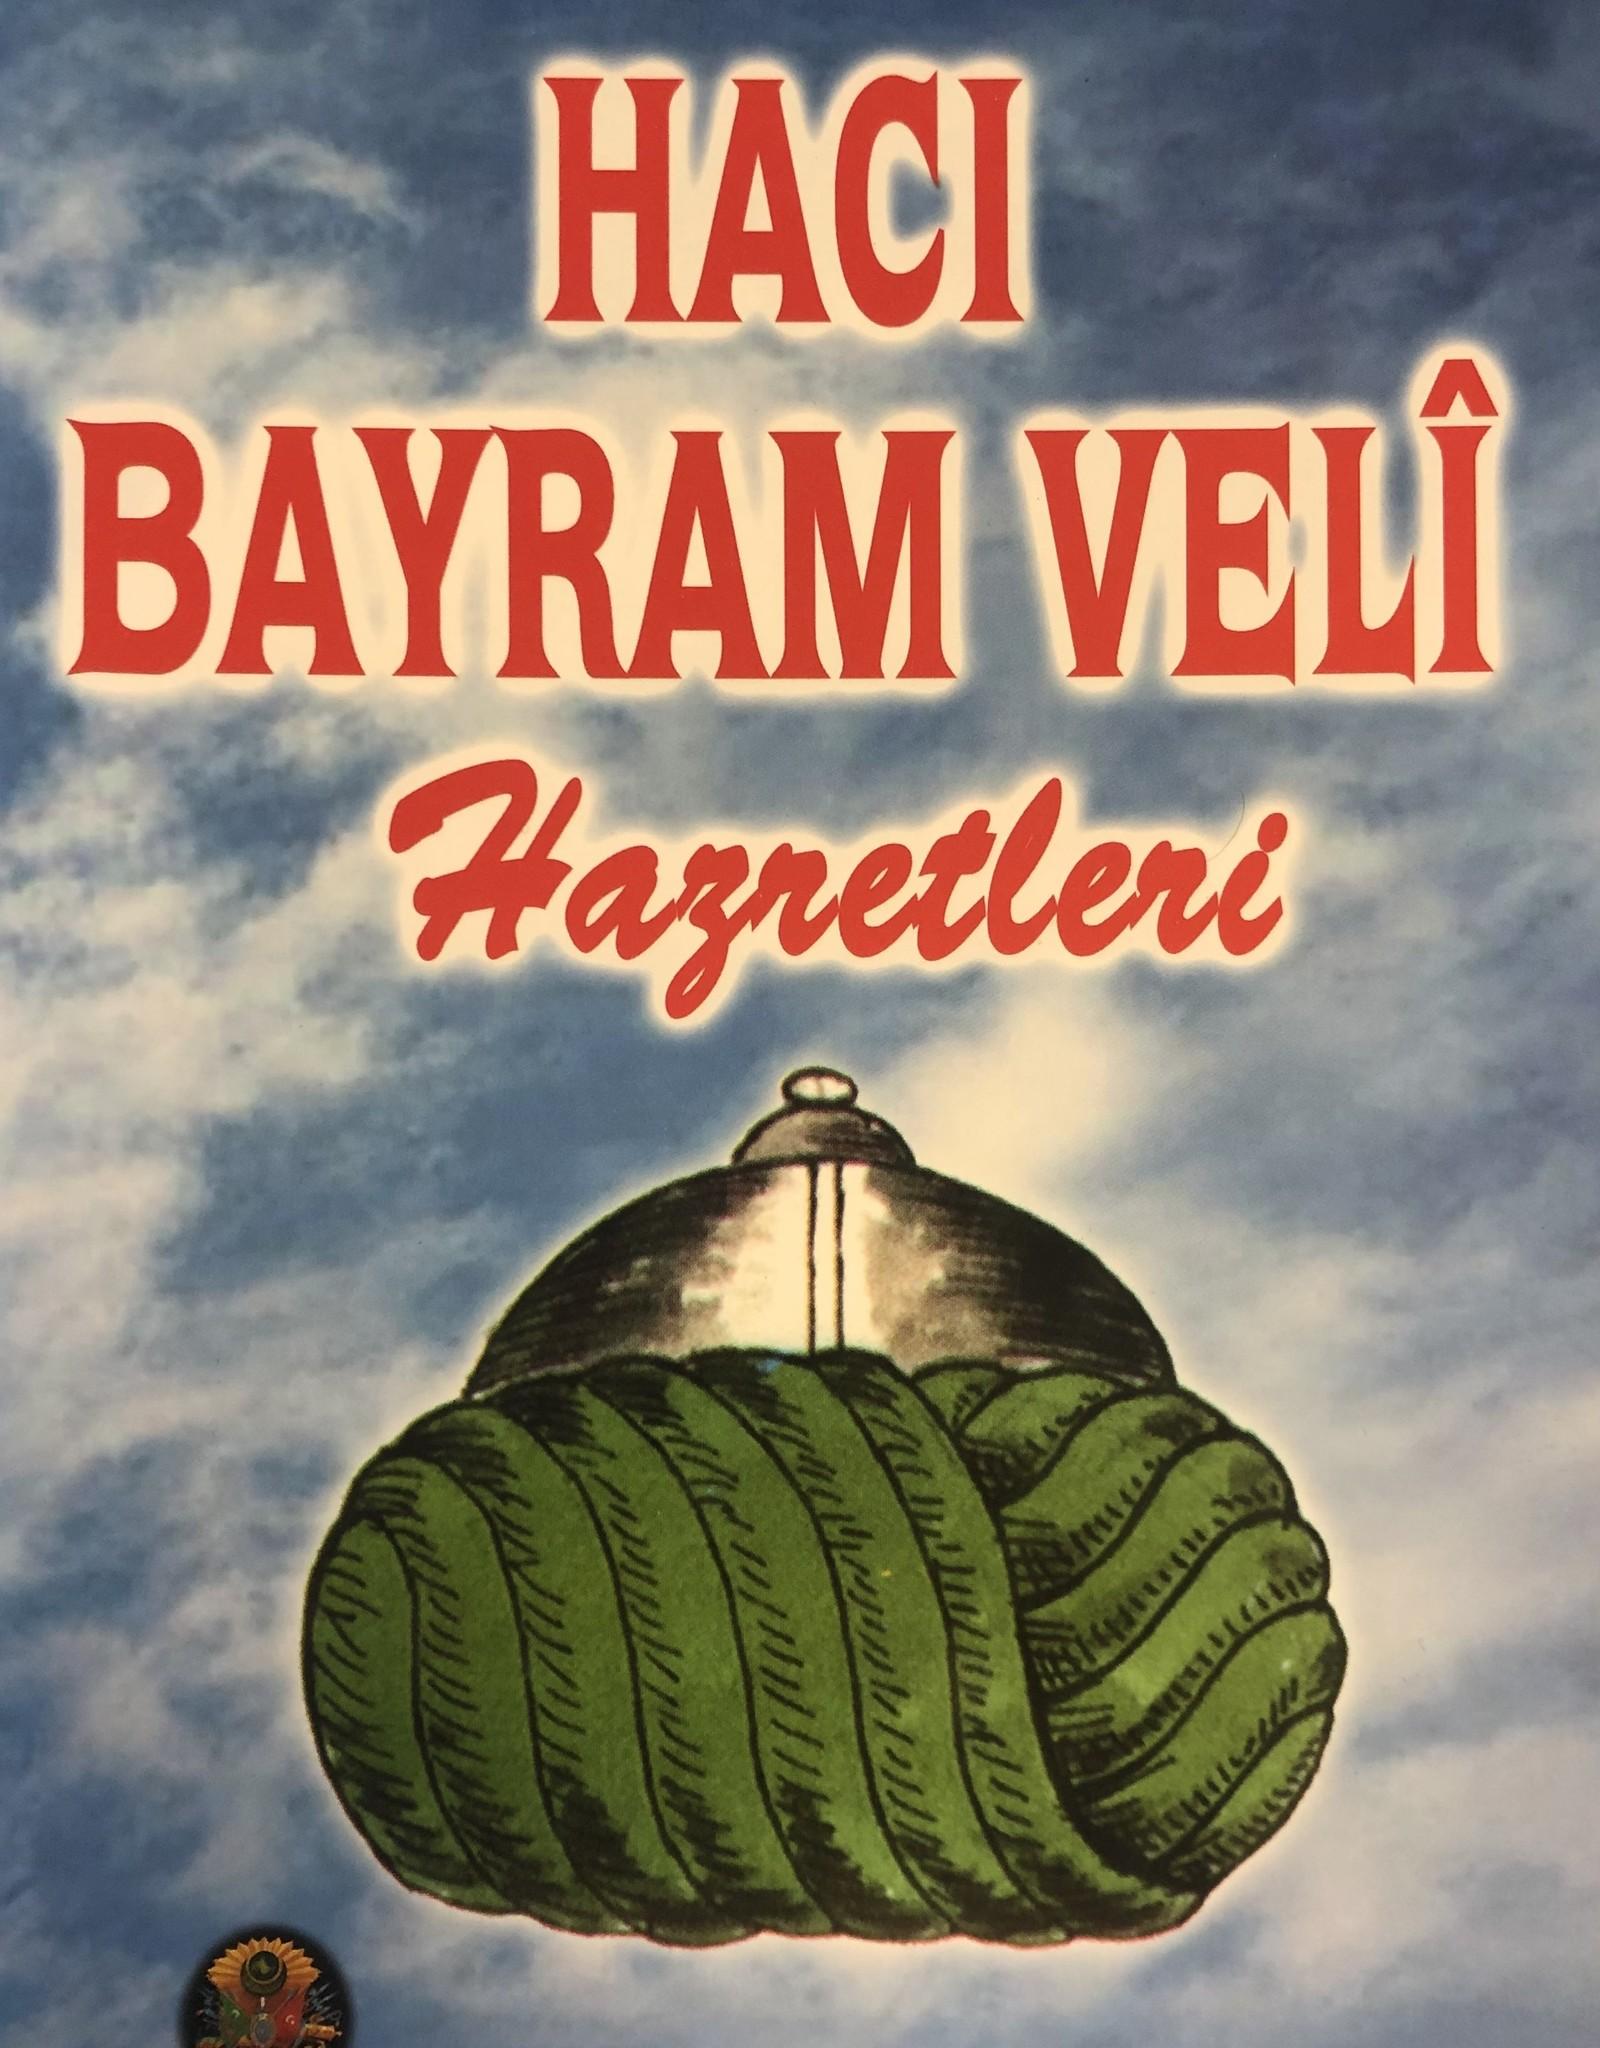 Hacı Bayram Veli Hazretleri